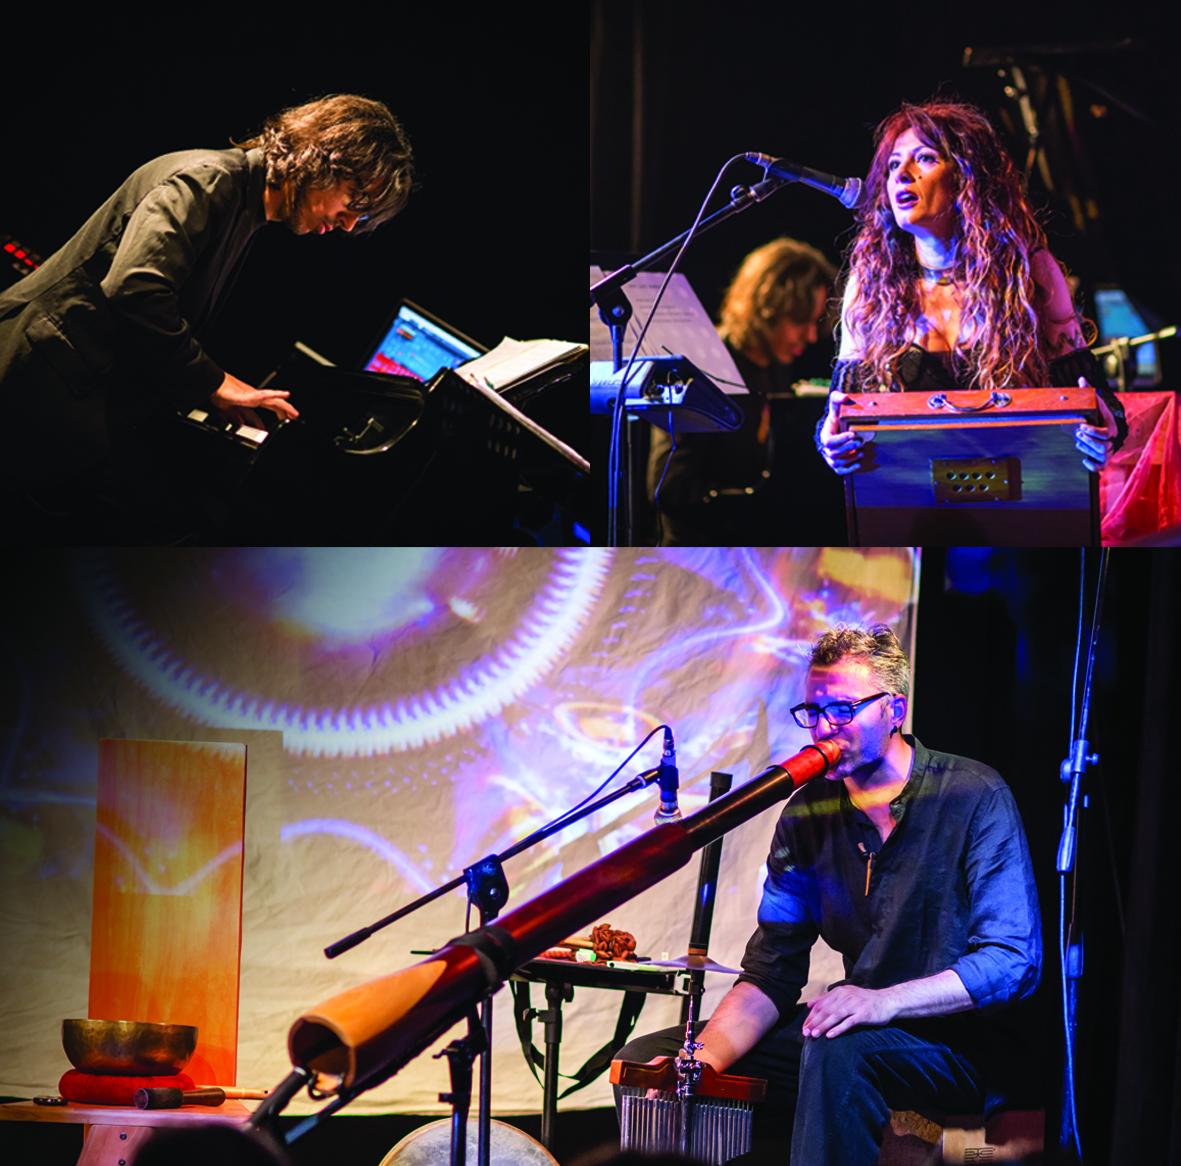 11.11.17 • TUPA RUJA • Auditorium Parco della Musica